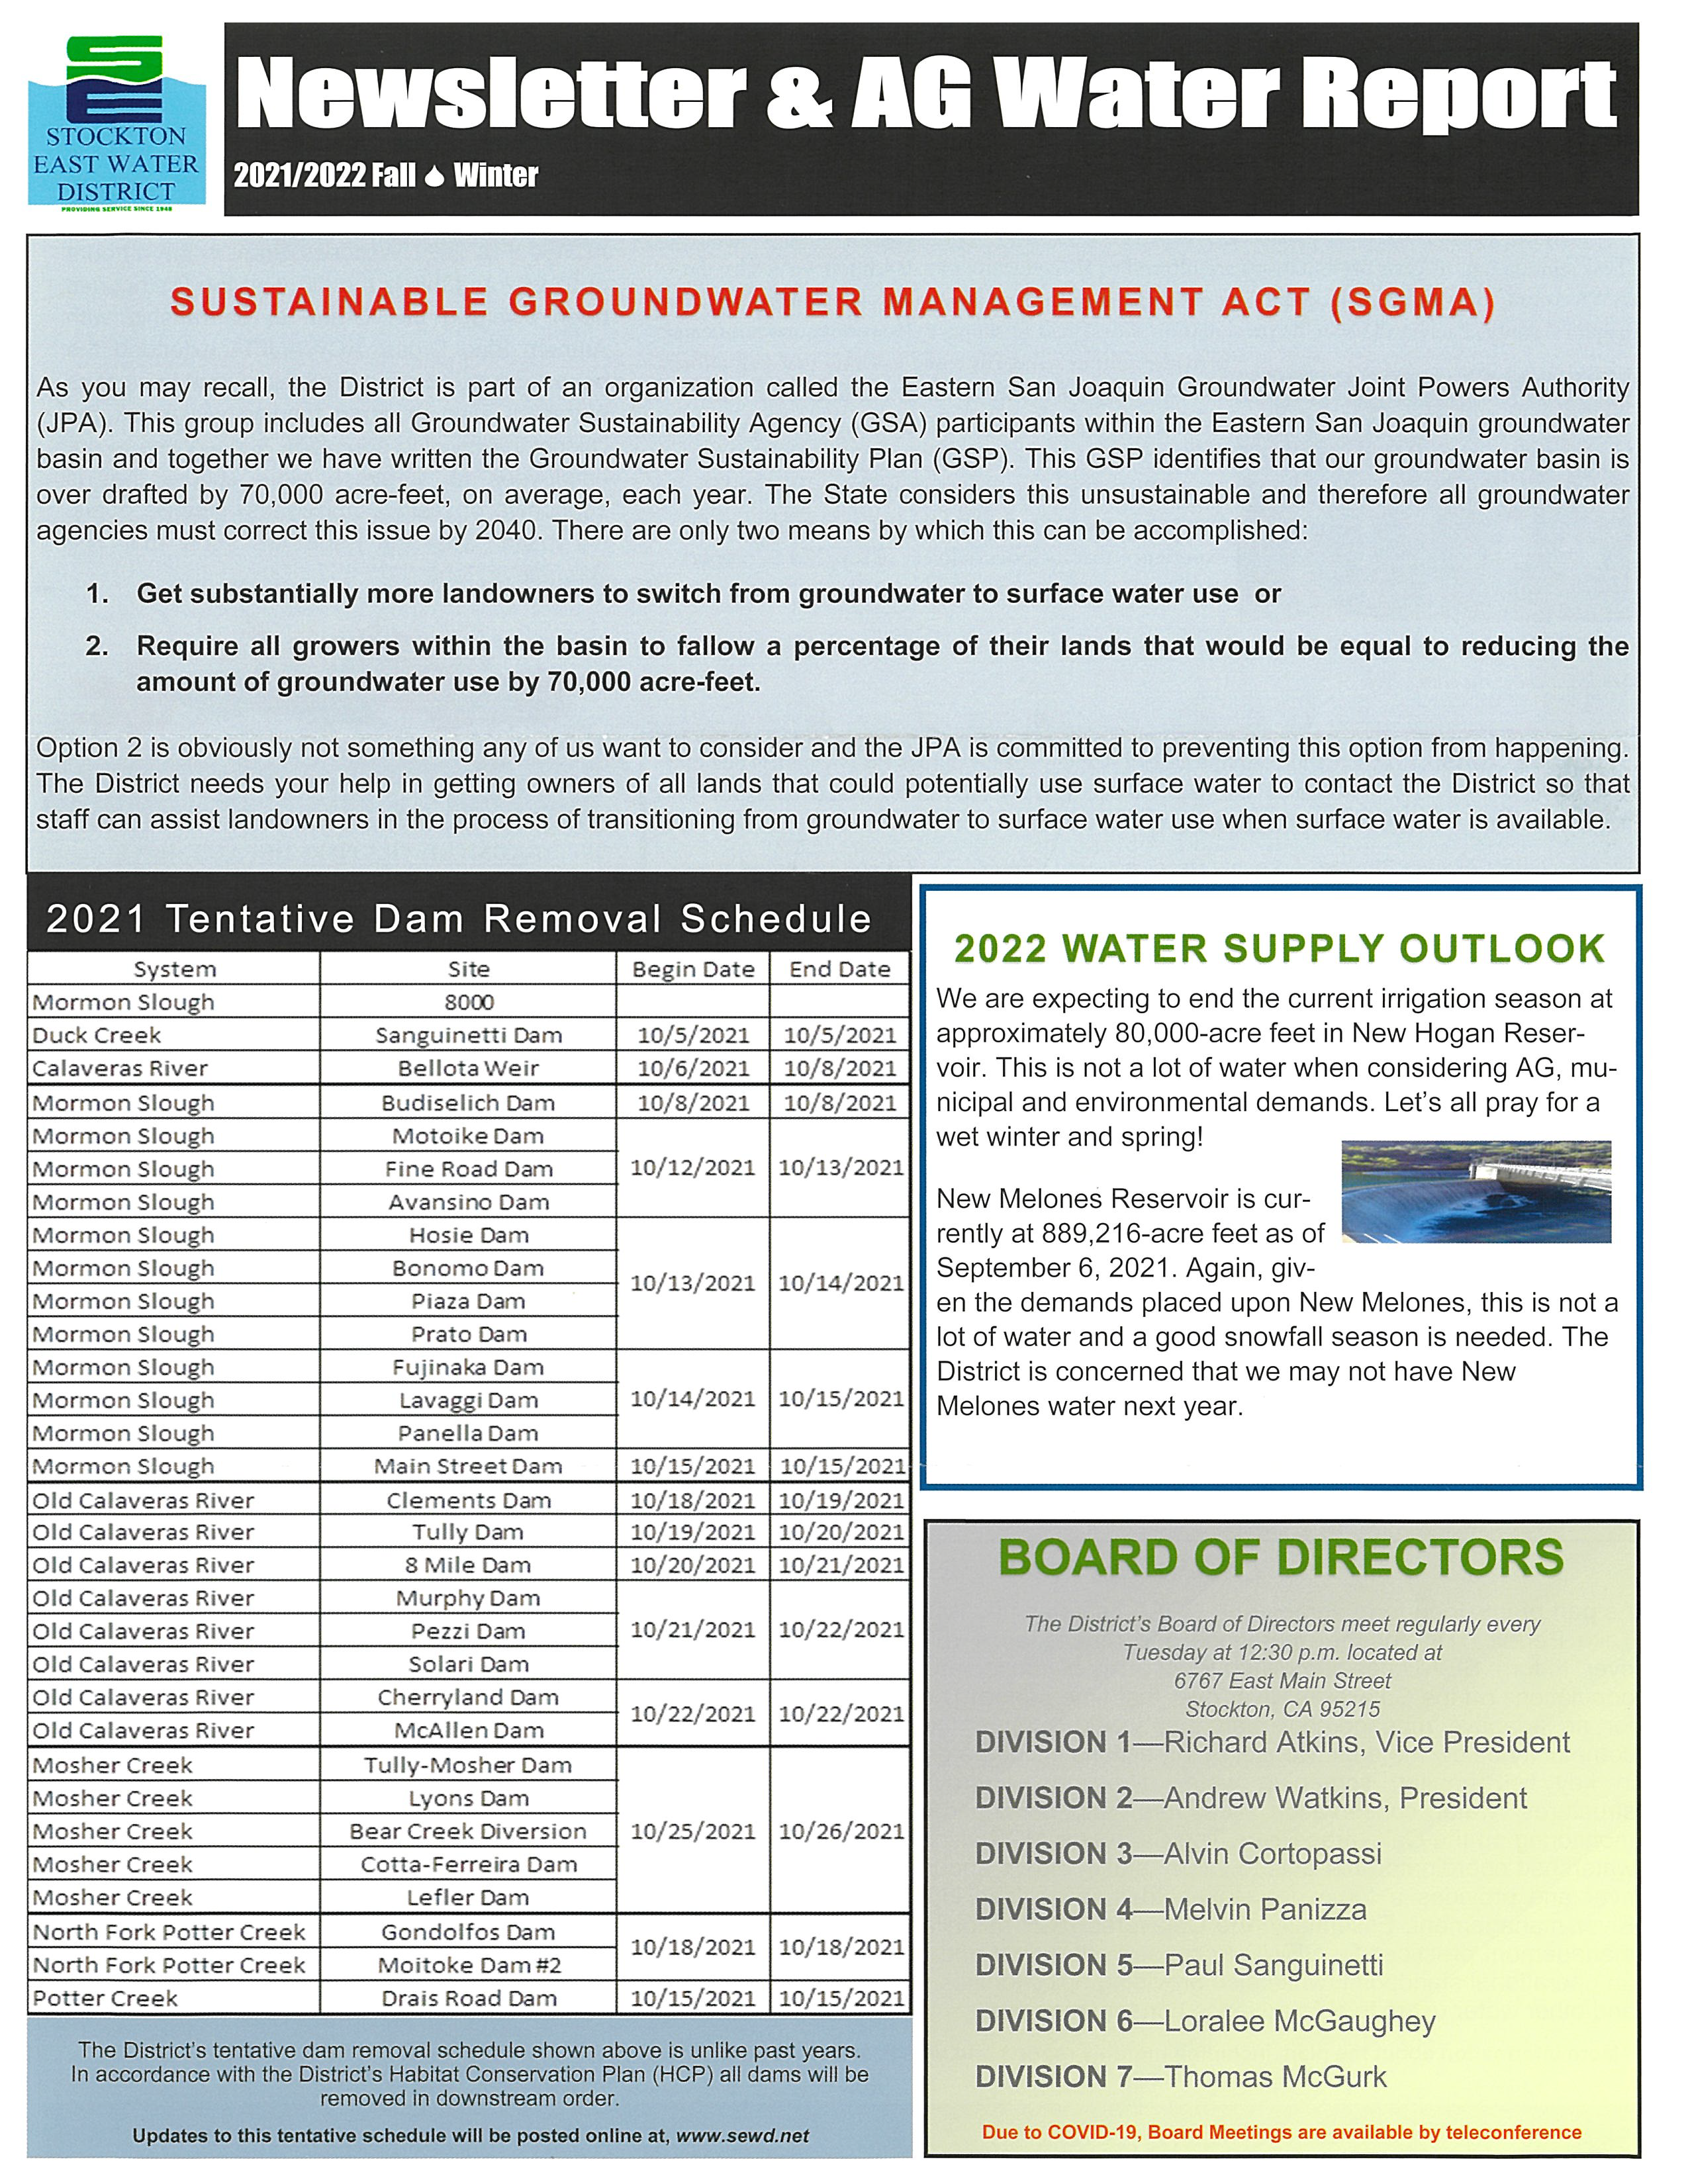 2021-2022 SEWD Fall/Winter Newsletter